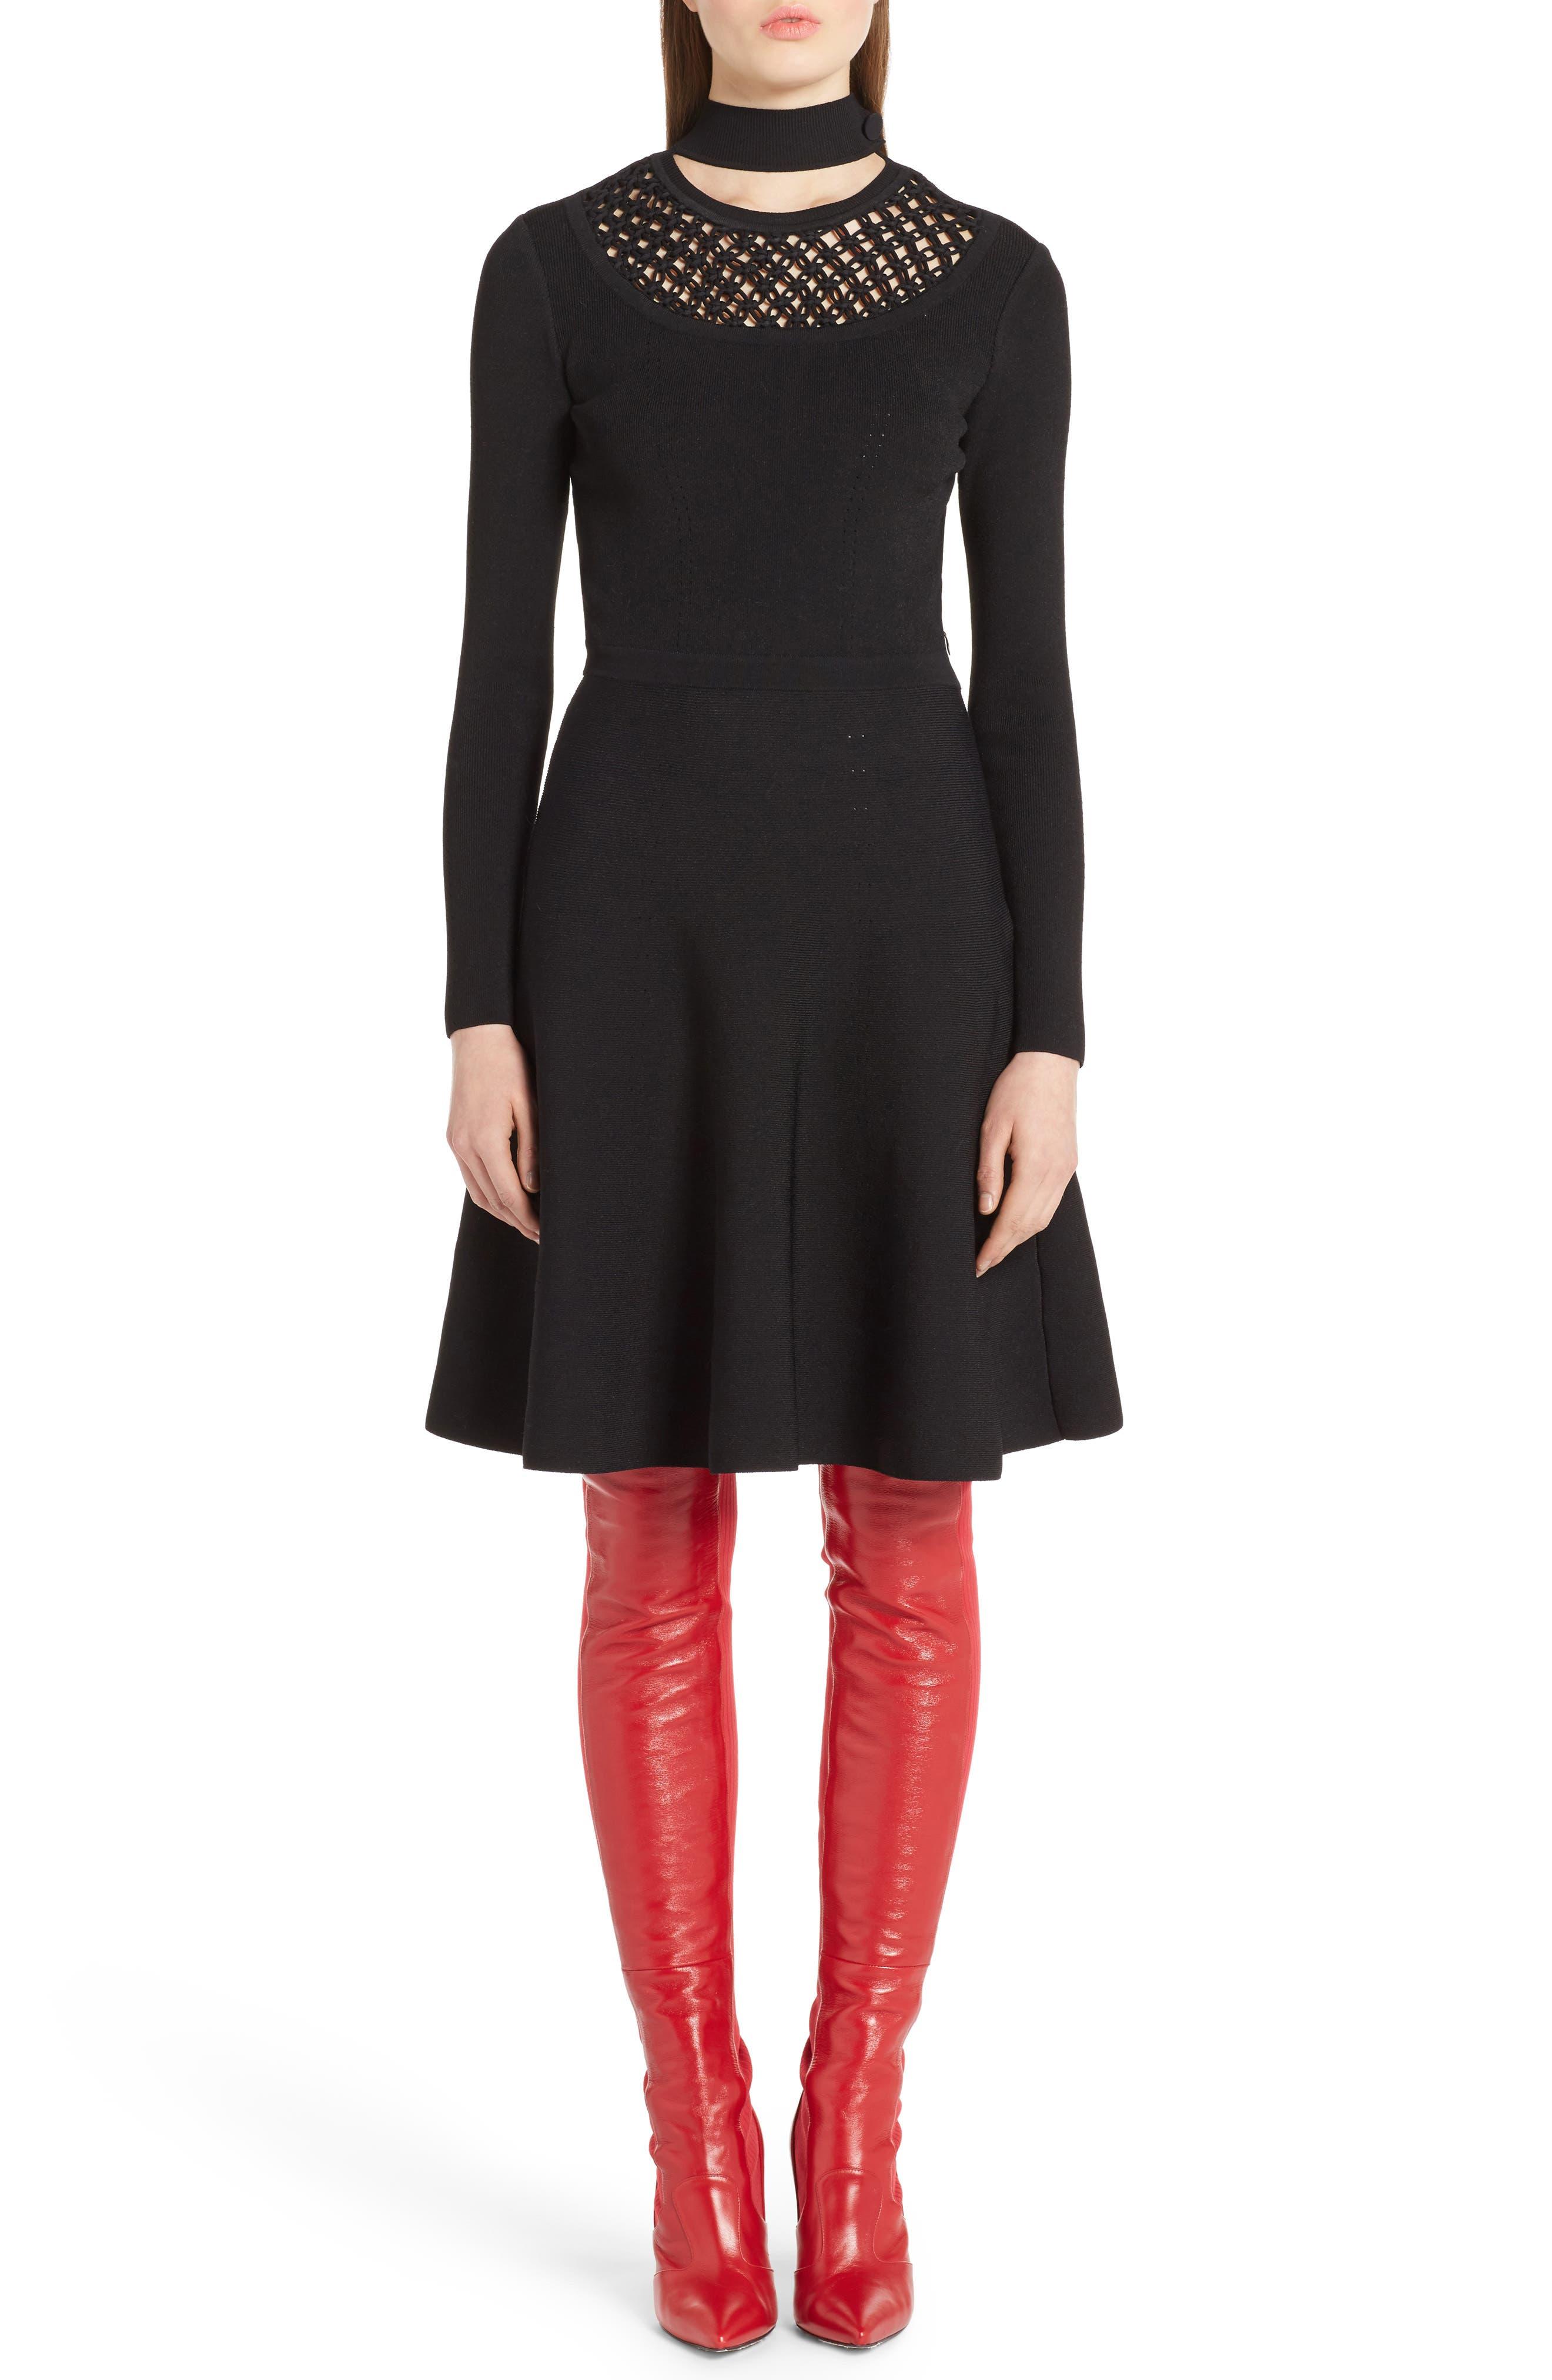 Fendi Macramé Inset Knit Dress